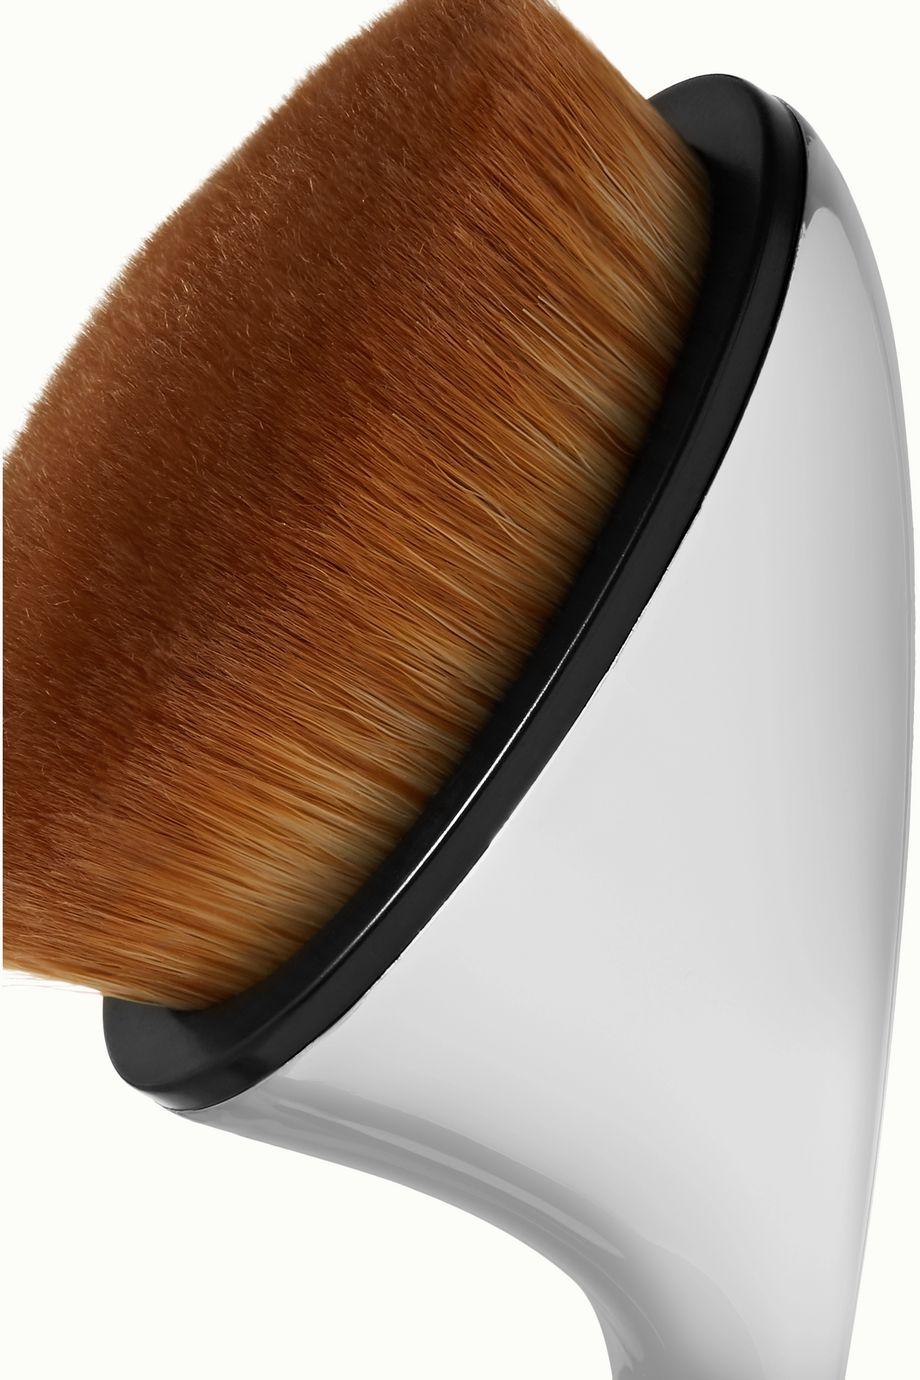 Artis Brush Fluenta Oval 6 Brush